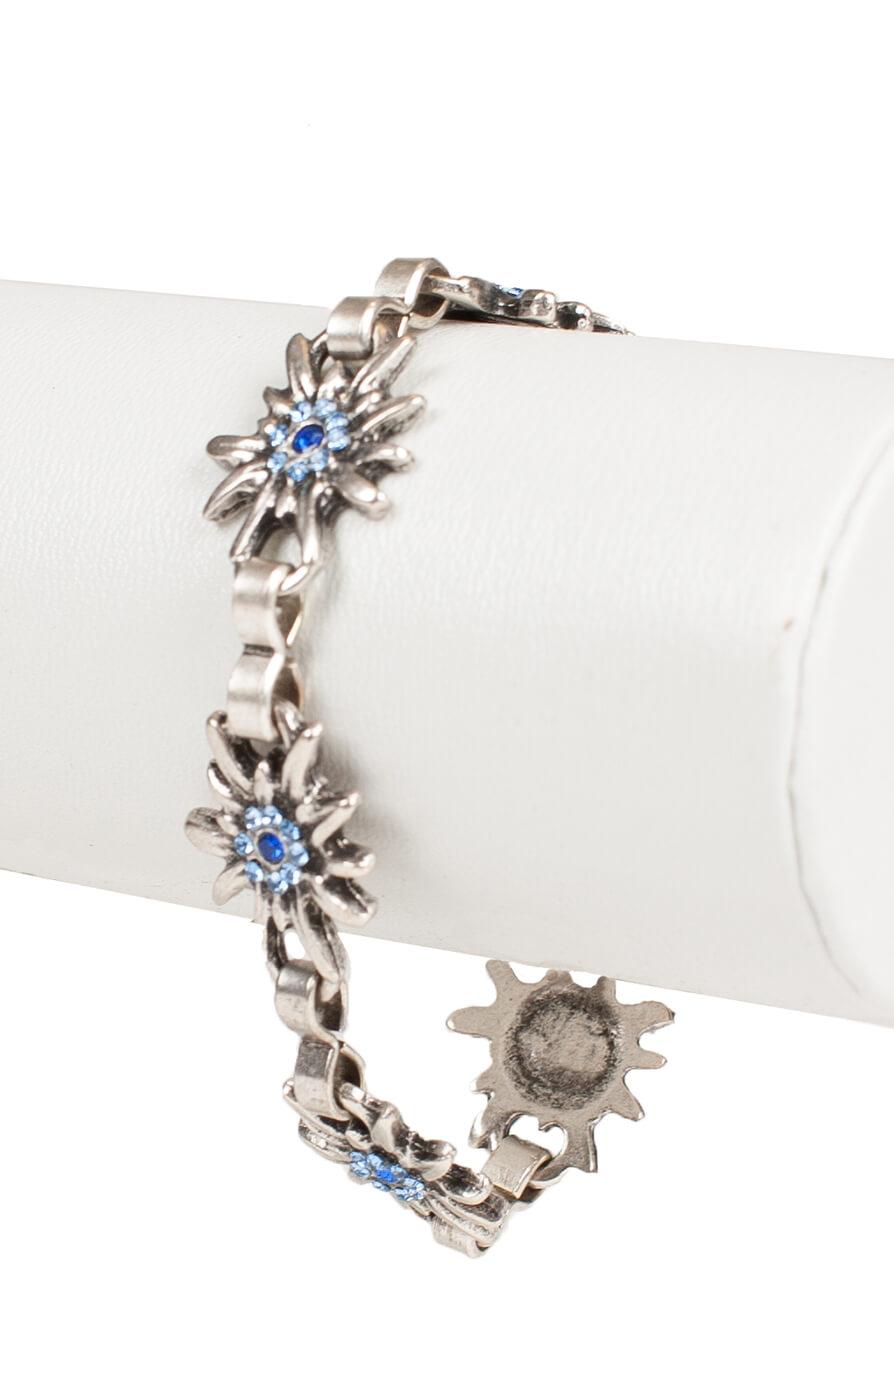 Bracelet AB9197-5 with edelweiss, blue von Schuhmacher